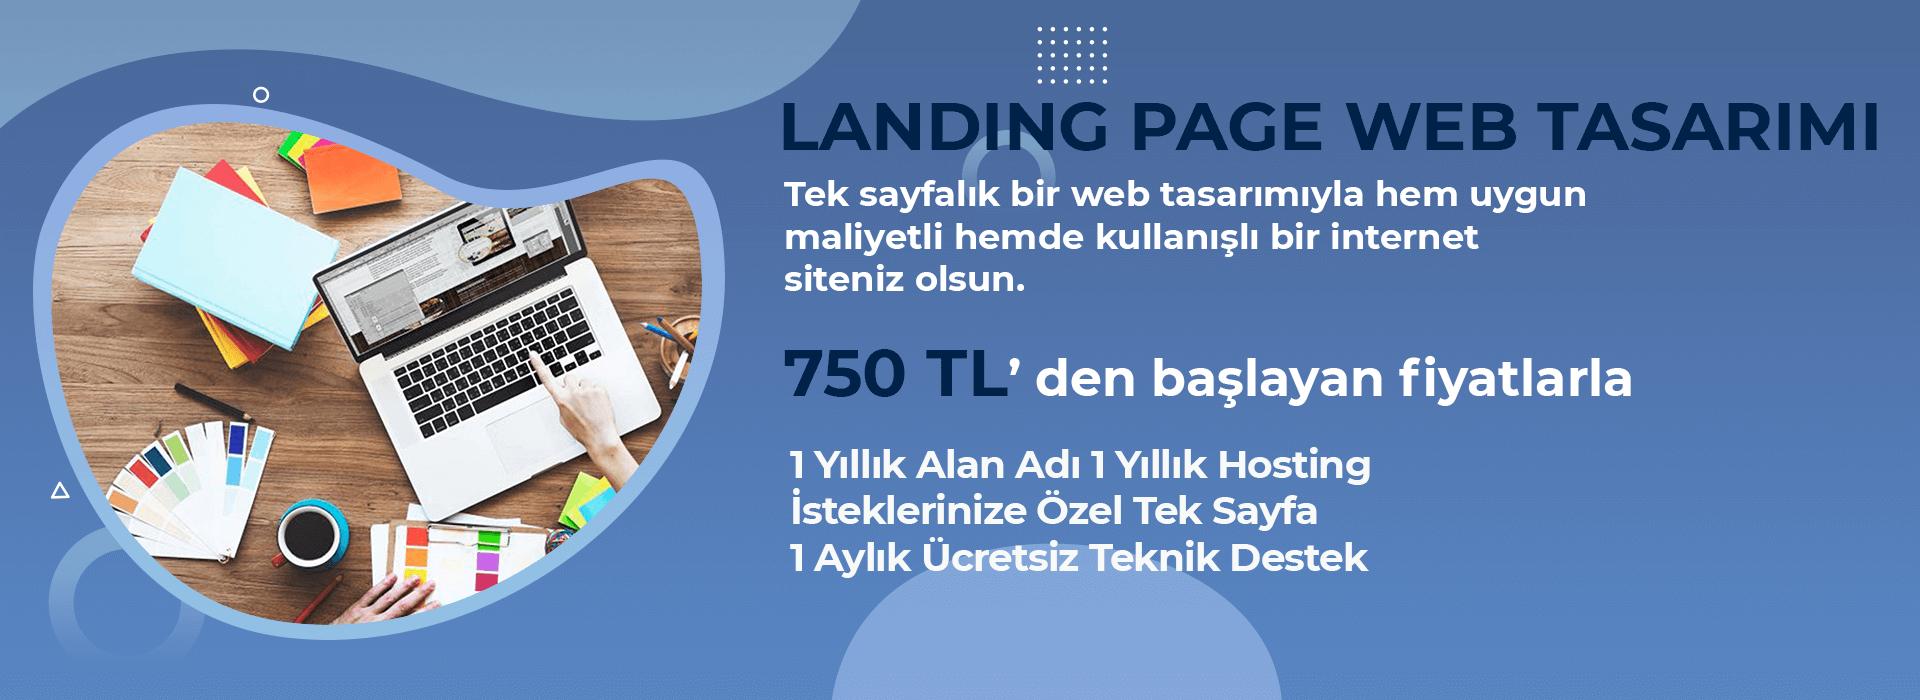 Landingpage Web Tasarımı